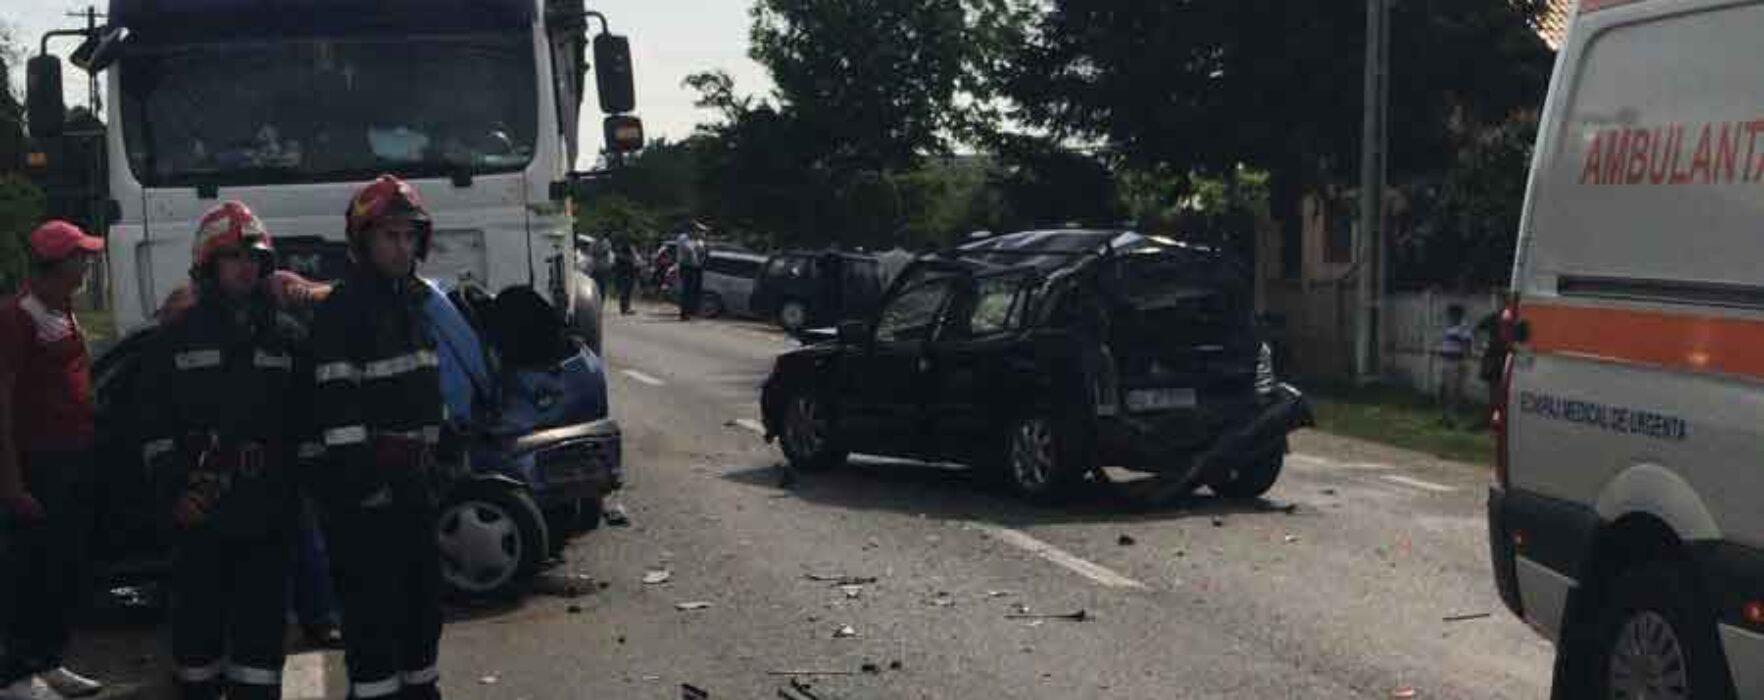 Dâmboviţa: Trafic blocat pe DN 72 Târgovişte-Găeşti, în zonă a avut loc un accident cu cinci autovehicule implicate